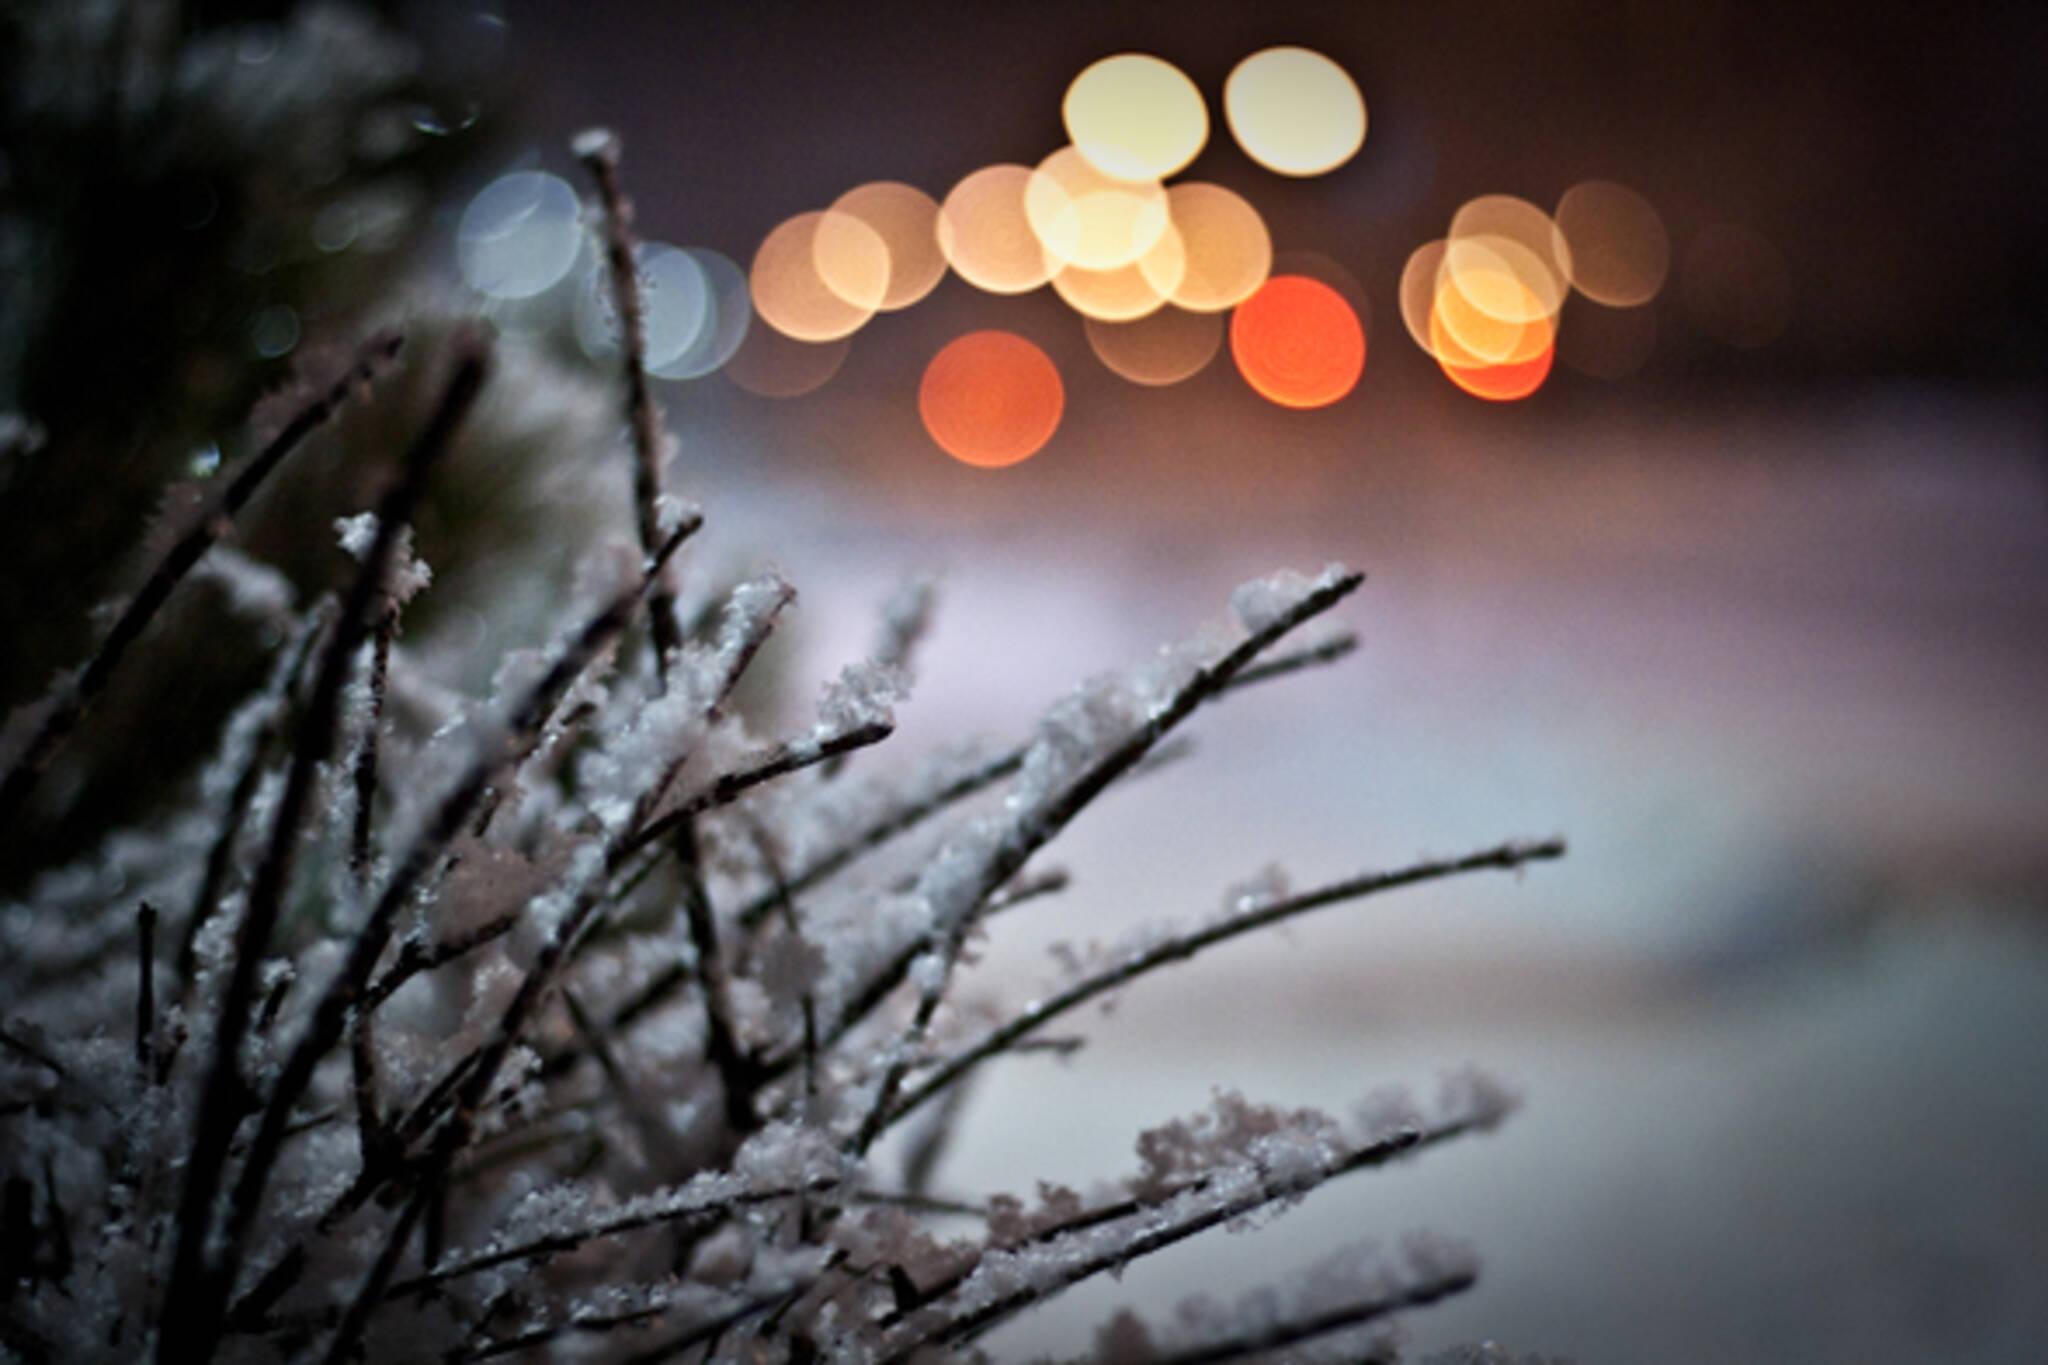 Toronto snowfall